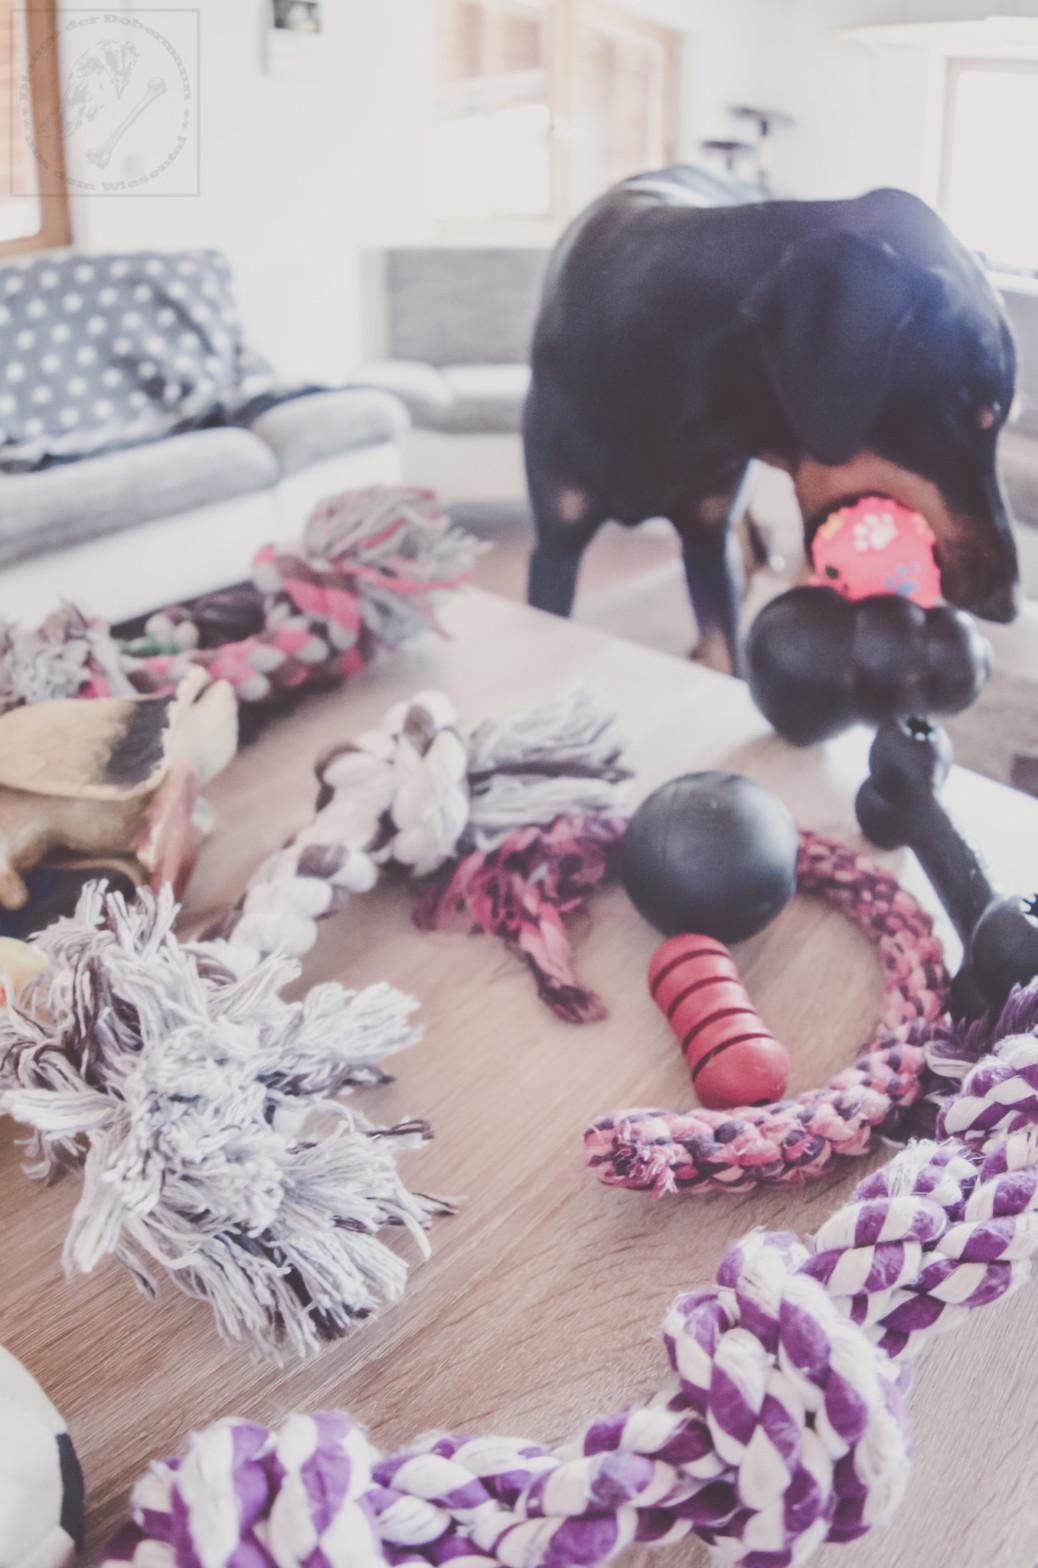 Welches Spielzeug ist giftig für meinen Hund